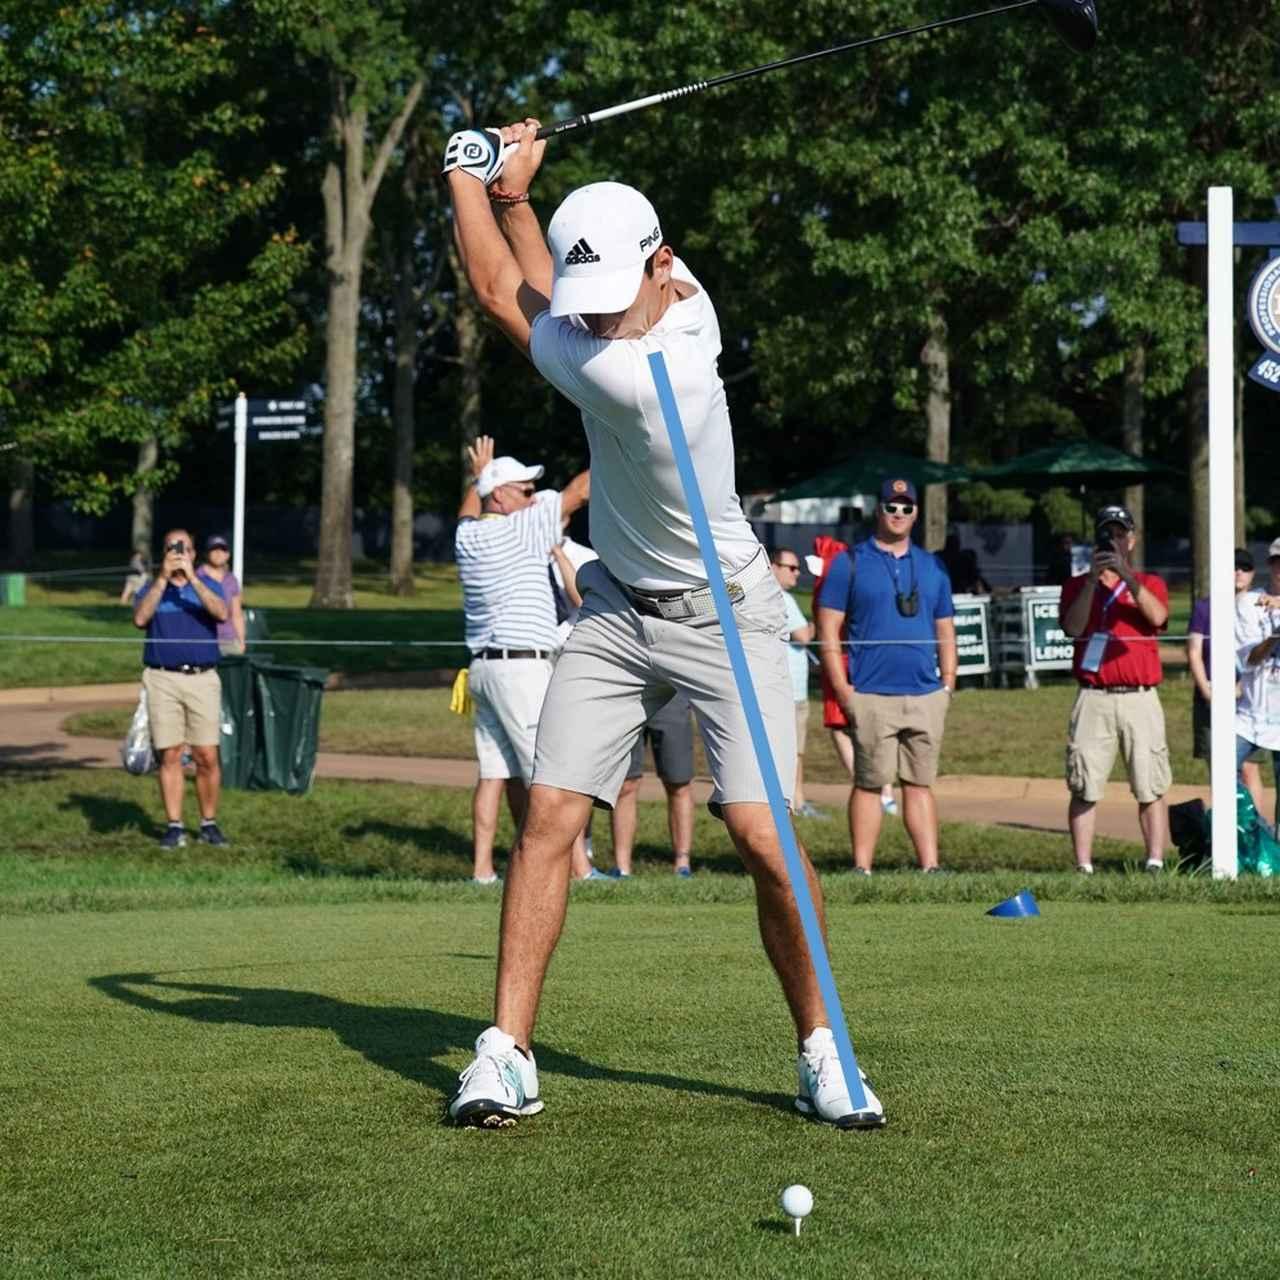 画像: アドレスの斜軸を中心に捻転。効率よくボールにパワーを伝えることができる